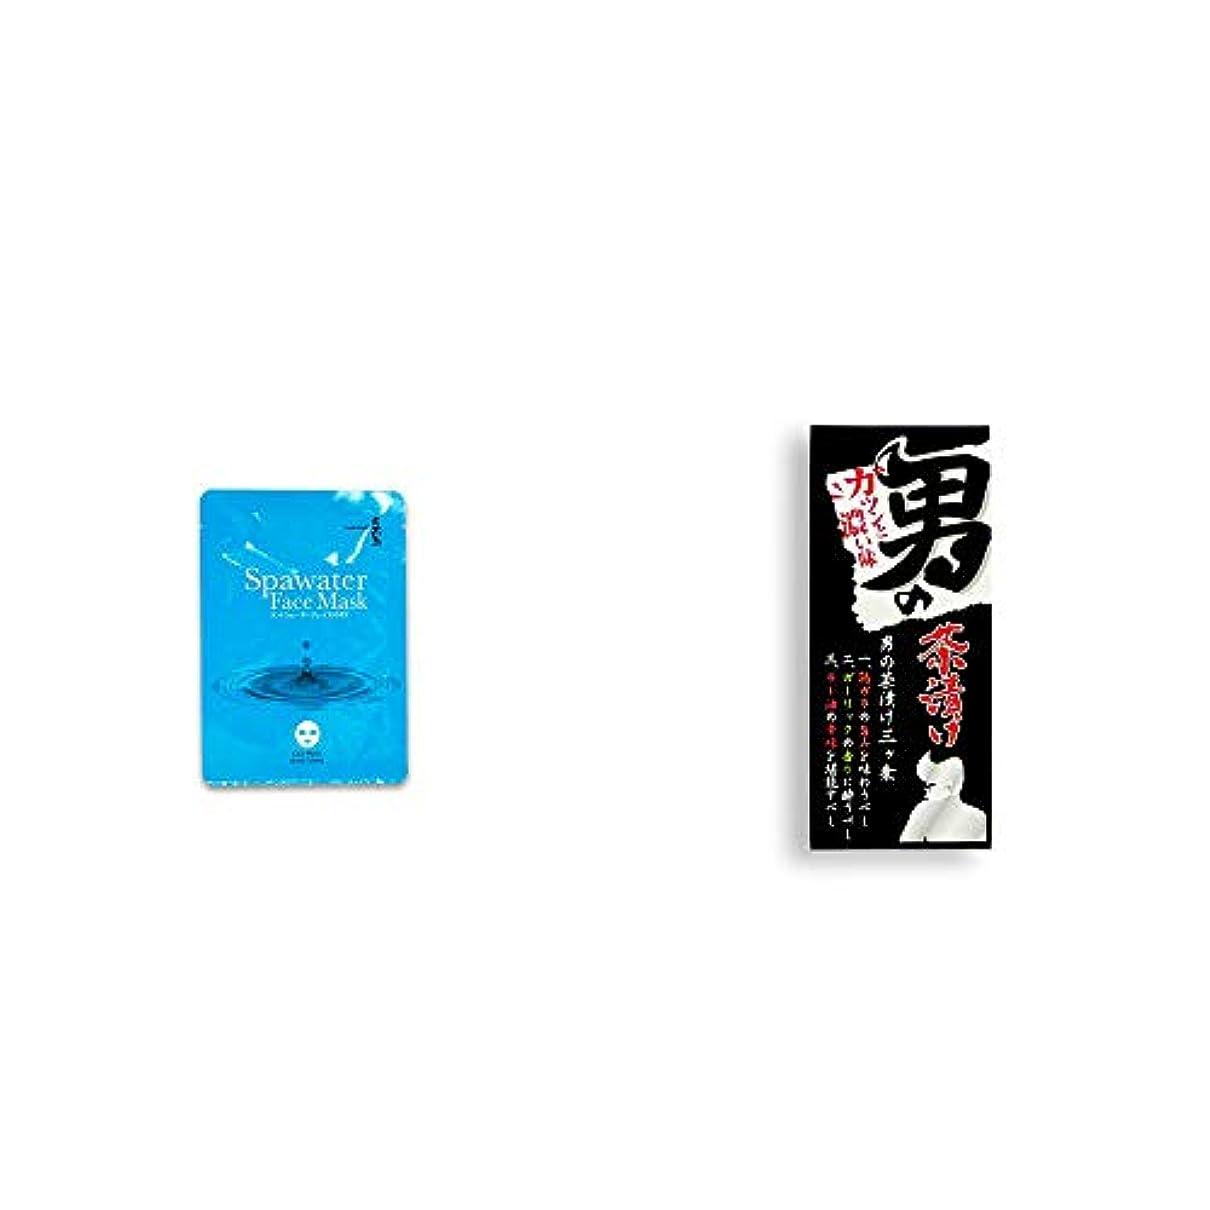 スカウト財政ランク[2点セット] ひのき炭黒泉 スパウォーターフェイスマスク(18ml×3枚入)?男の茶漬け(4.8g×8袋)